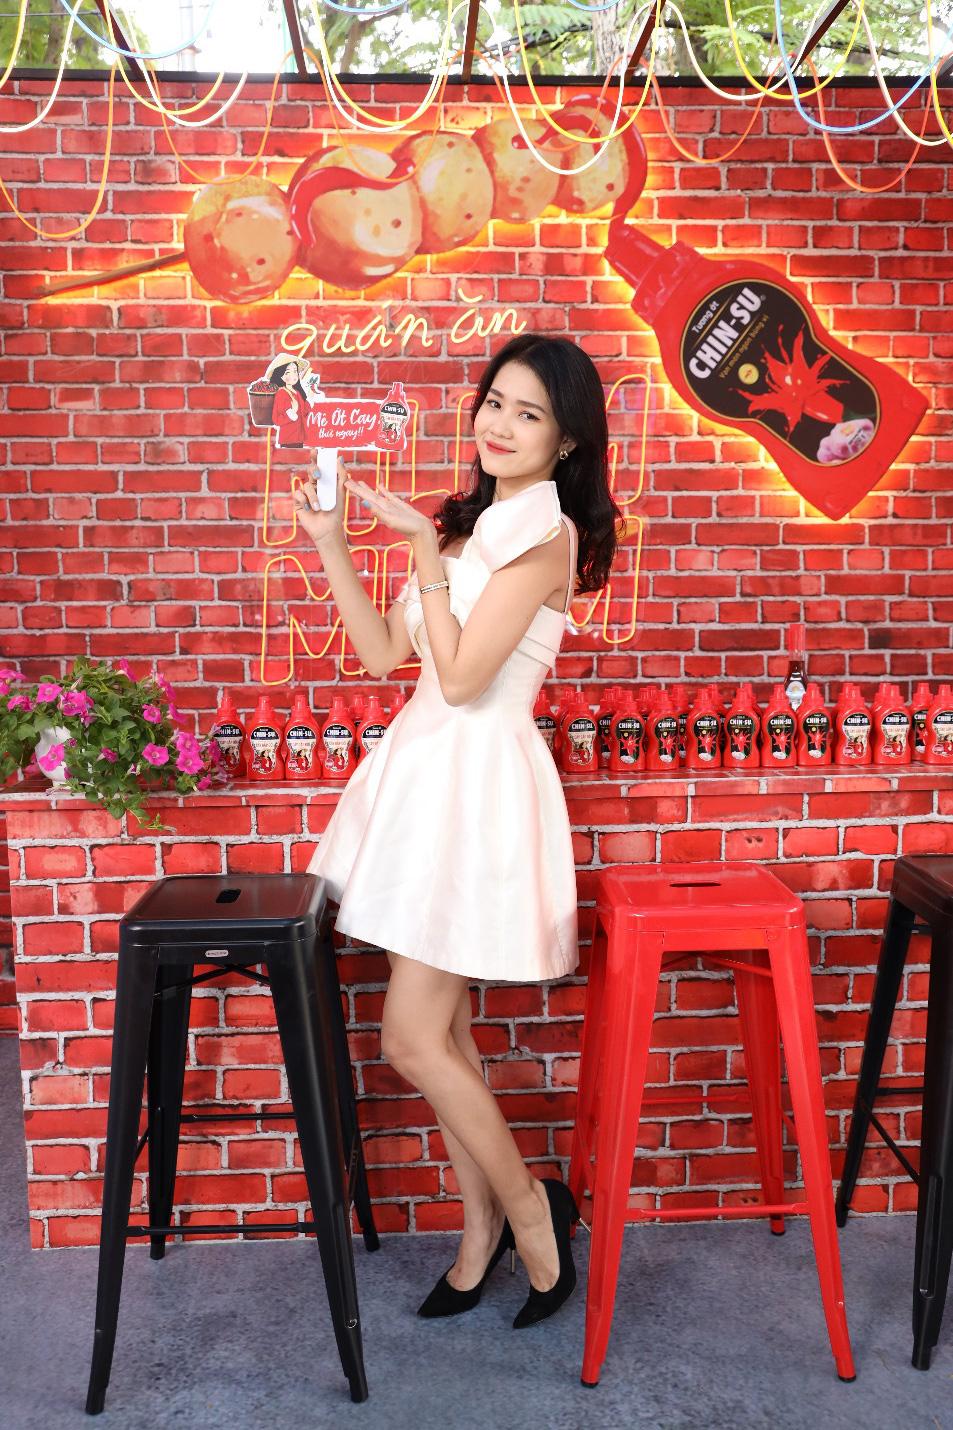 Giới trẻ rần rần check-in gian hàng Tết của CHIN-SU tại Lễ Hội Tết Việt 2021 - Ảnh 4.